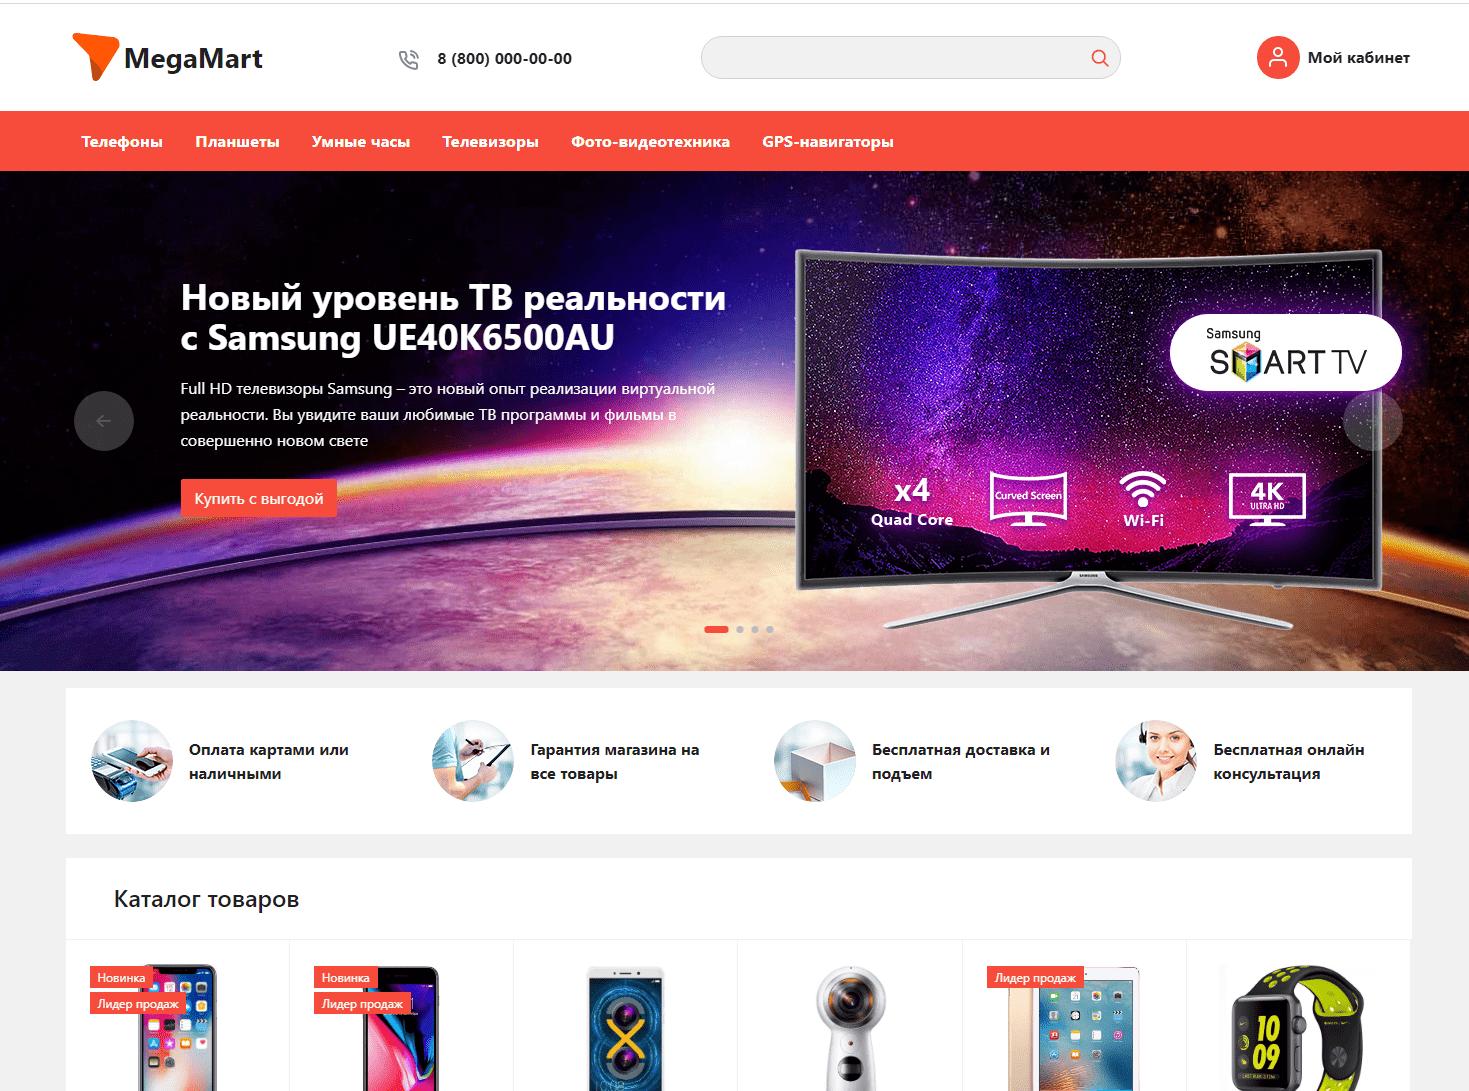 Главная страница облачного интернет магазина АЛЬФА: MegaMart24